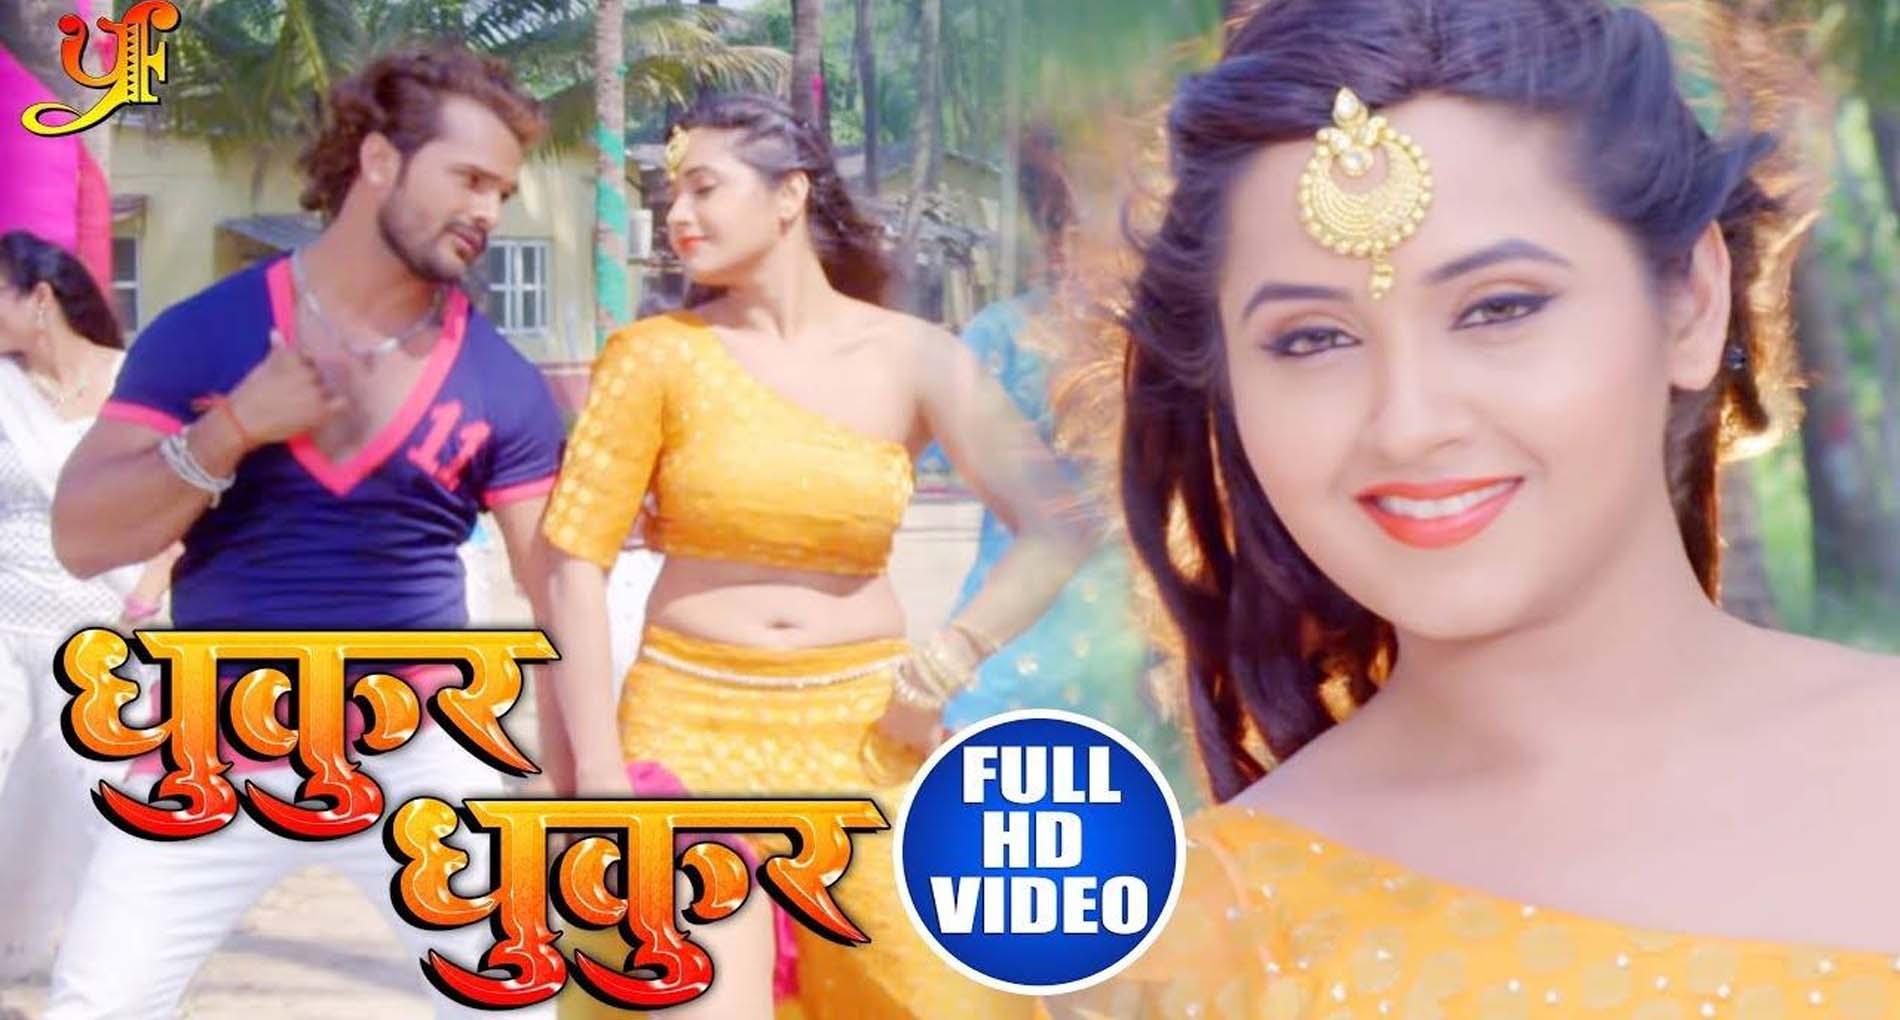 'जियरवा करे धुकुर धुकुर' गाने में खेसारी लाल और काजल राघवानी ने किया जोरदार डांस, देखें वीडियो